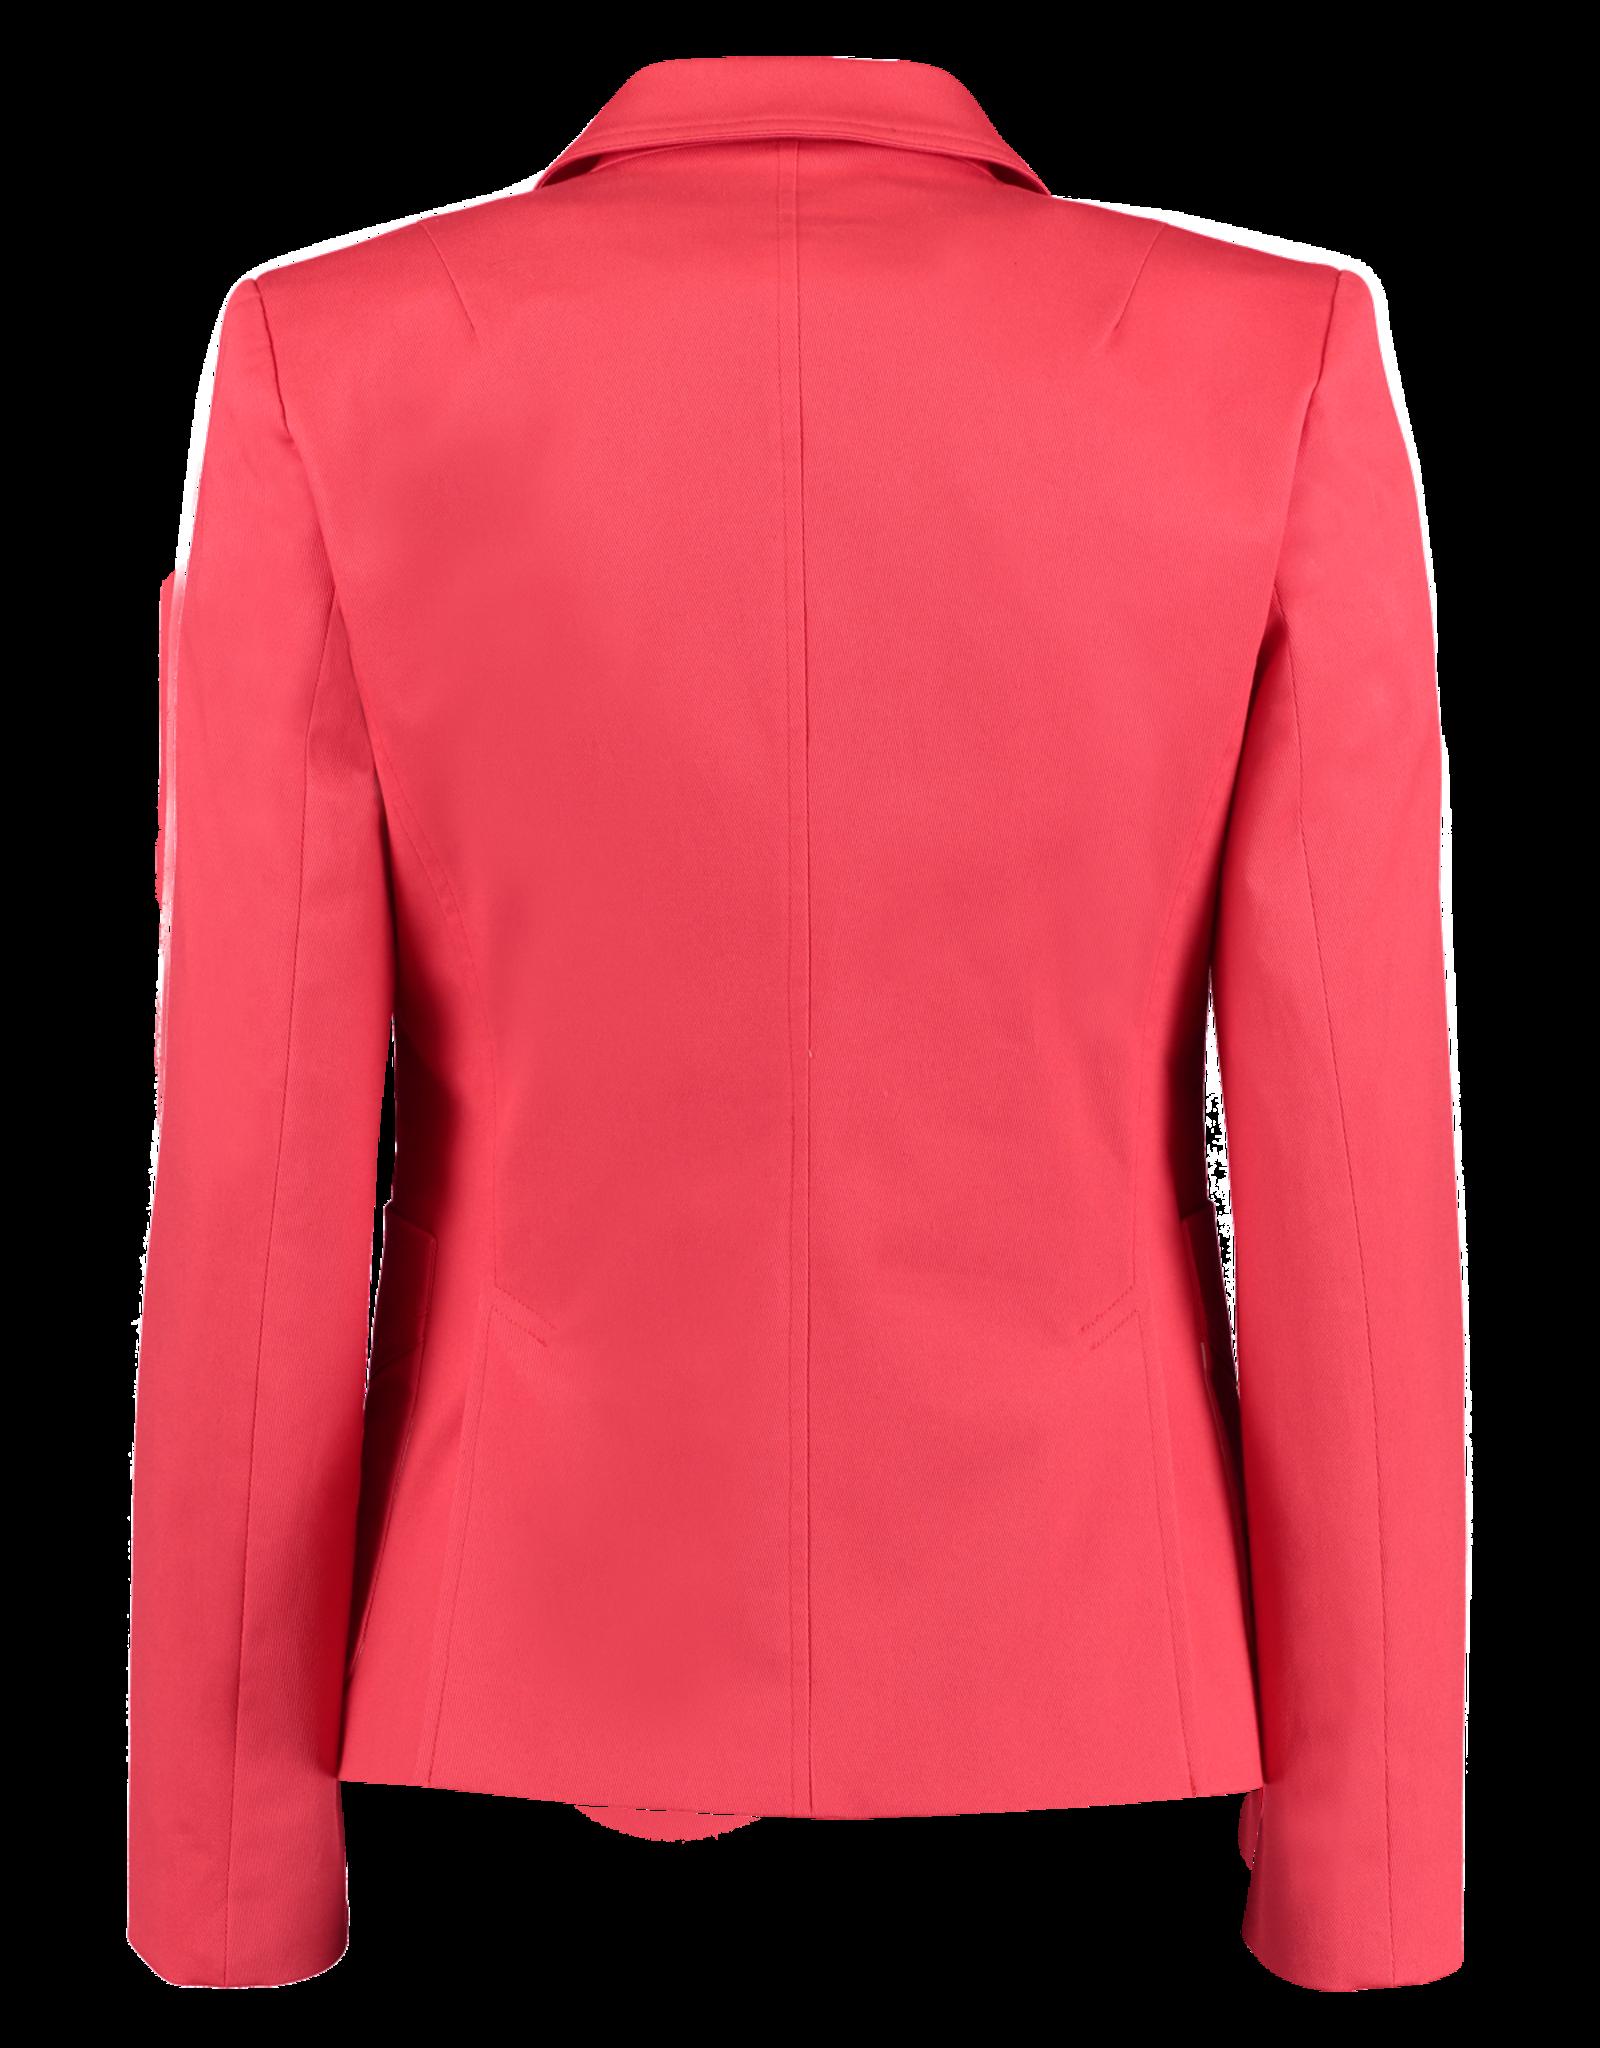 SS18-401 Sailor Jacket